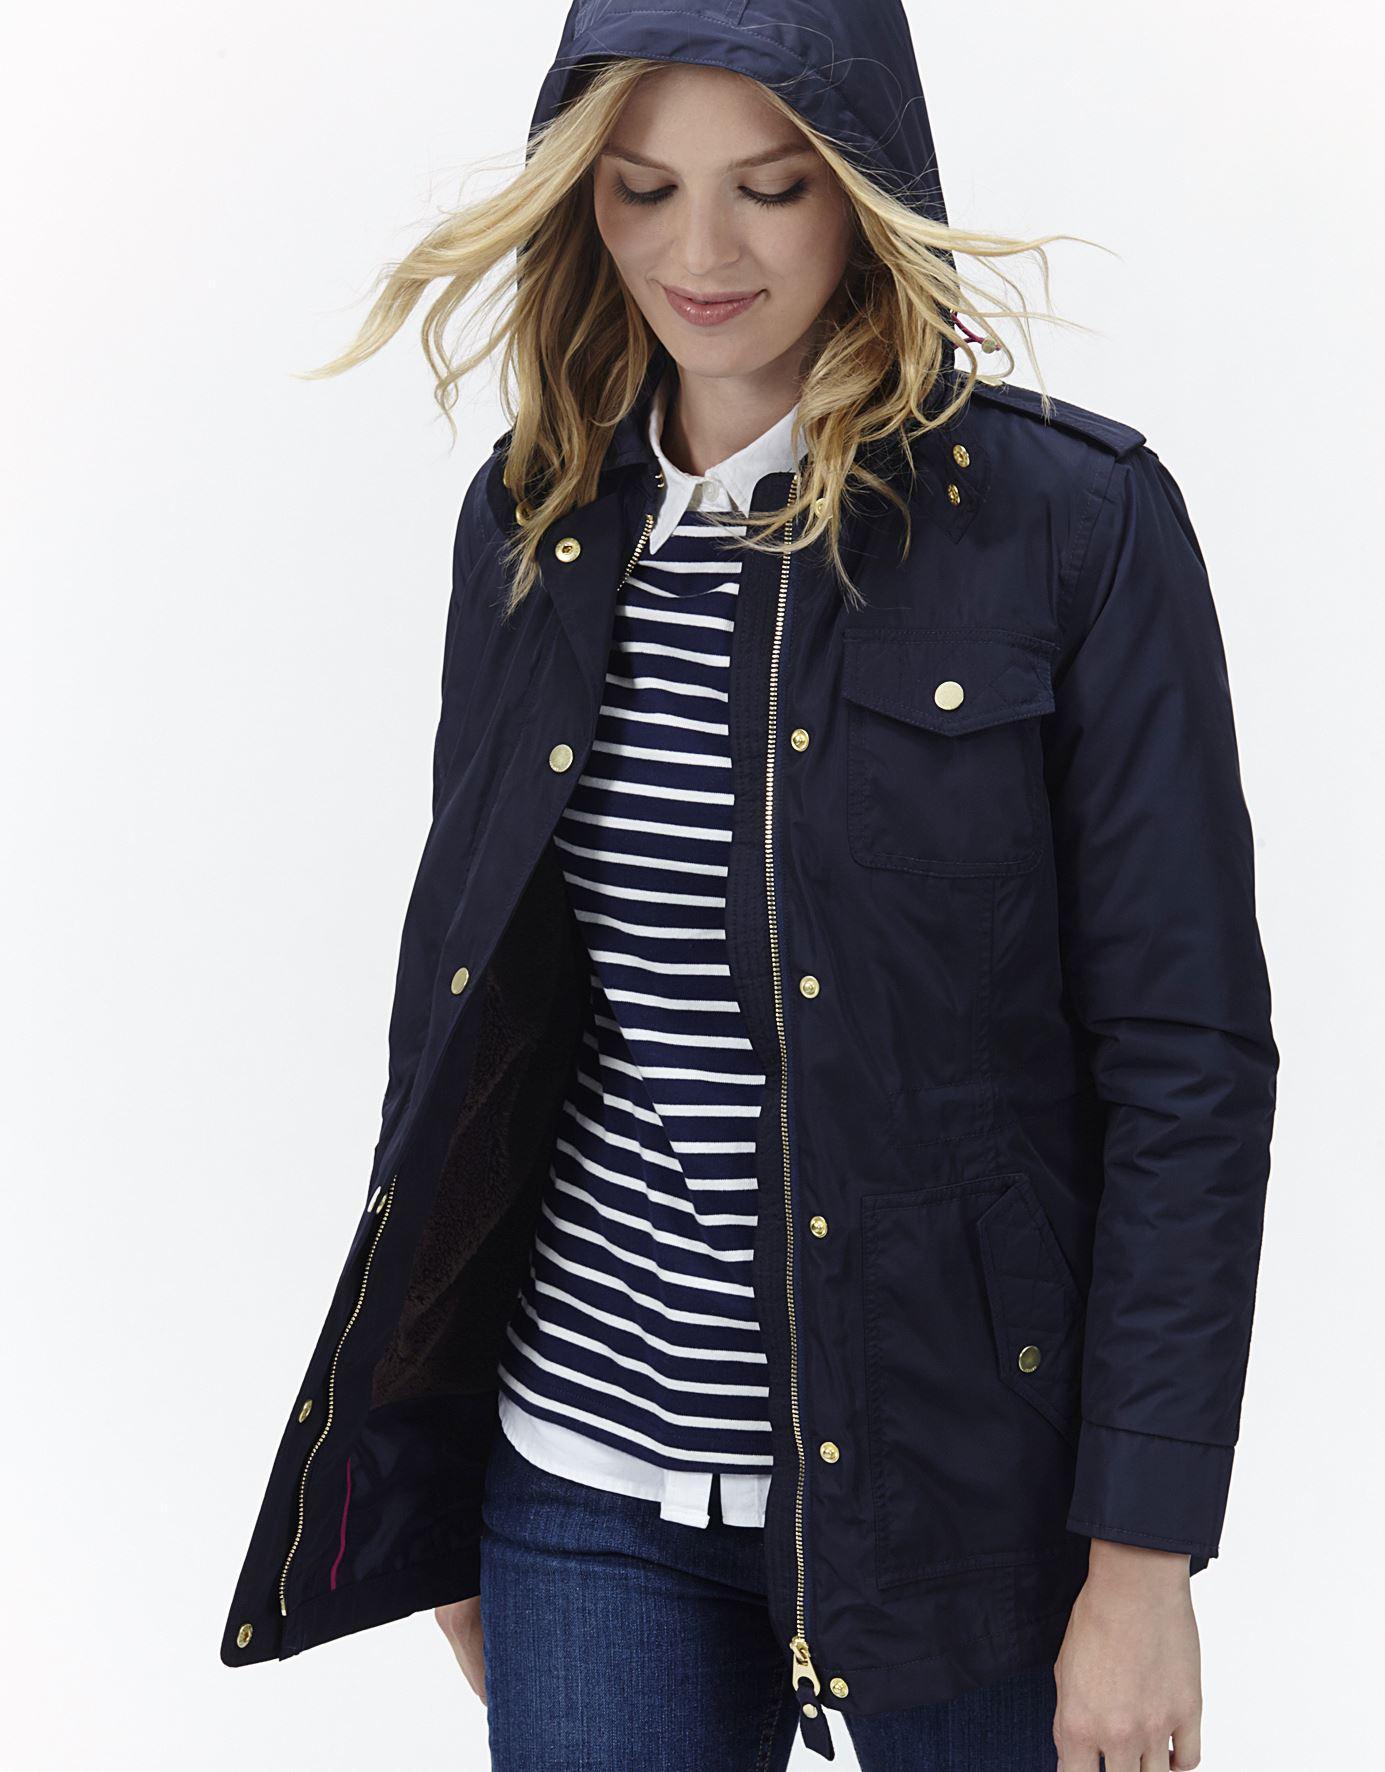 Womens summer jackets uk